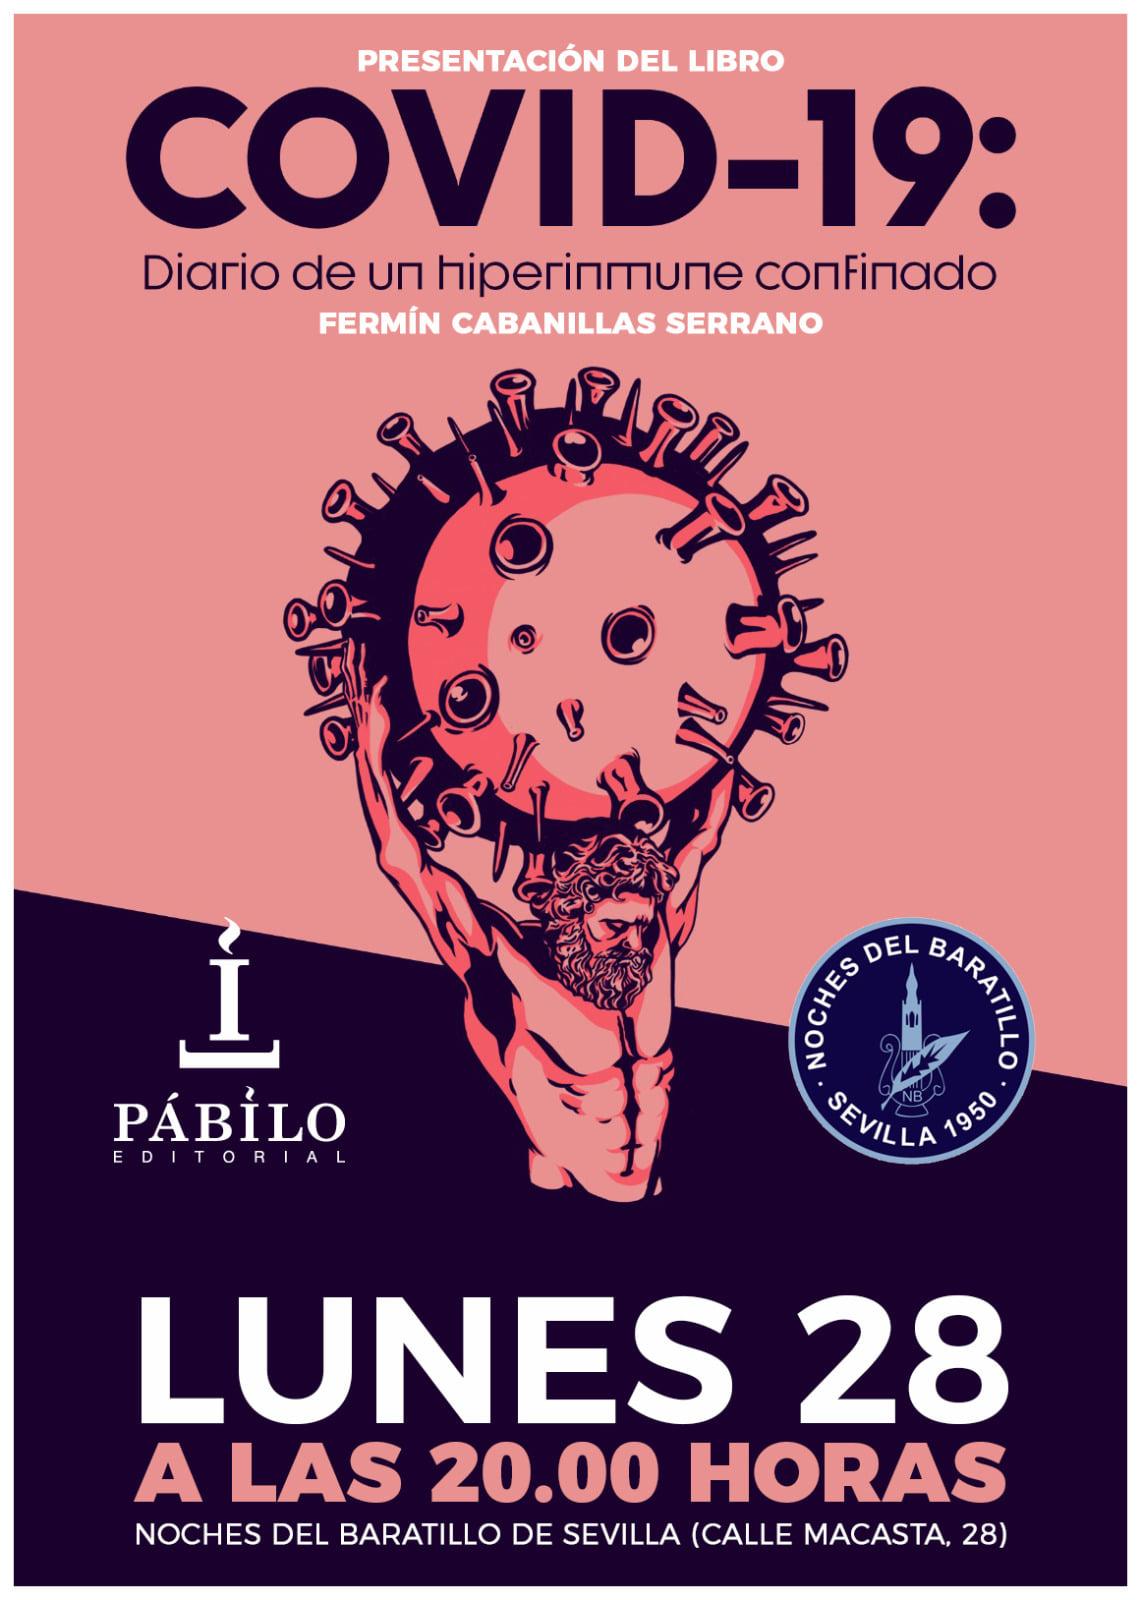 Fermín Cabanillas presenta en Sevilla el libro Covid-19. Diario de un hiperinmune confinado